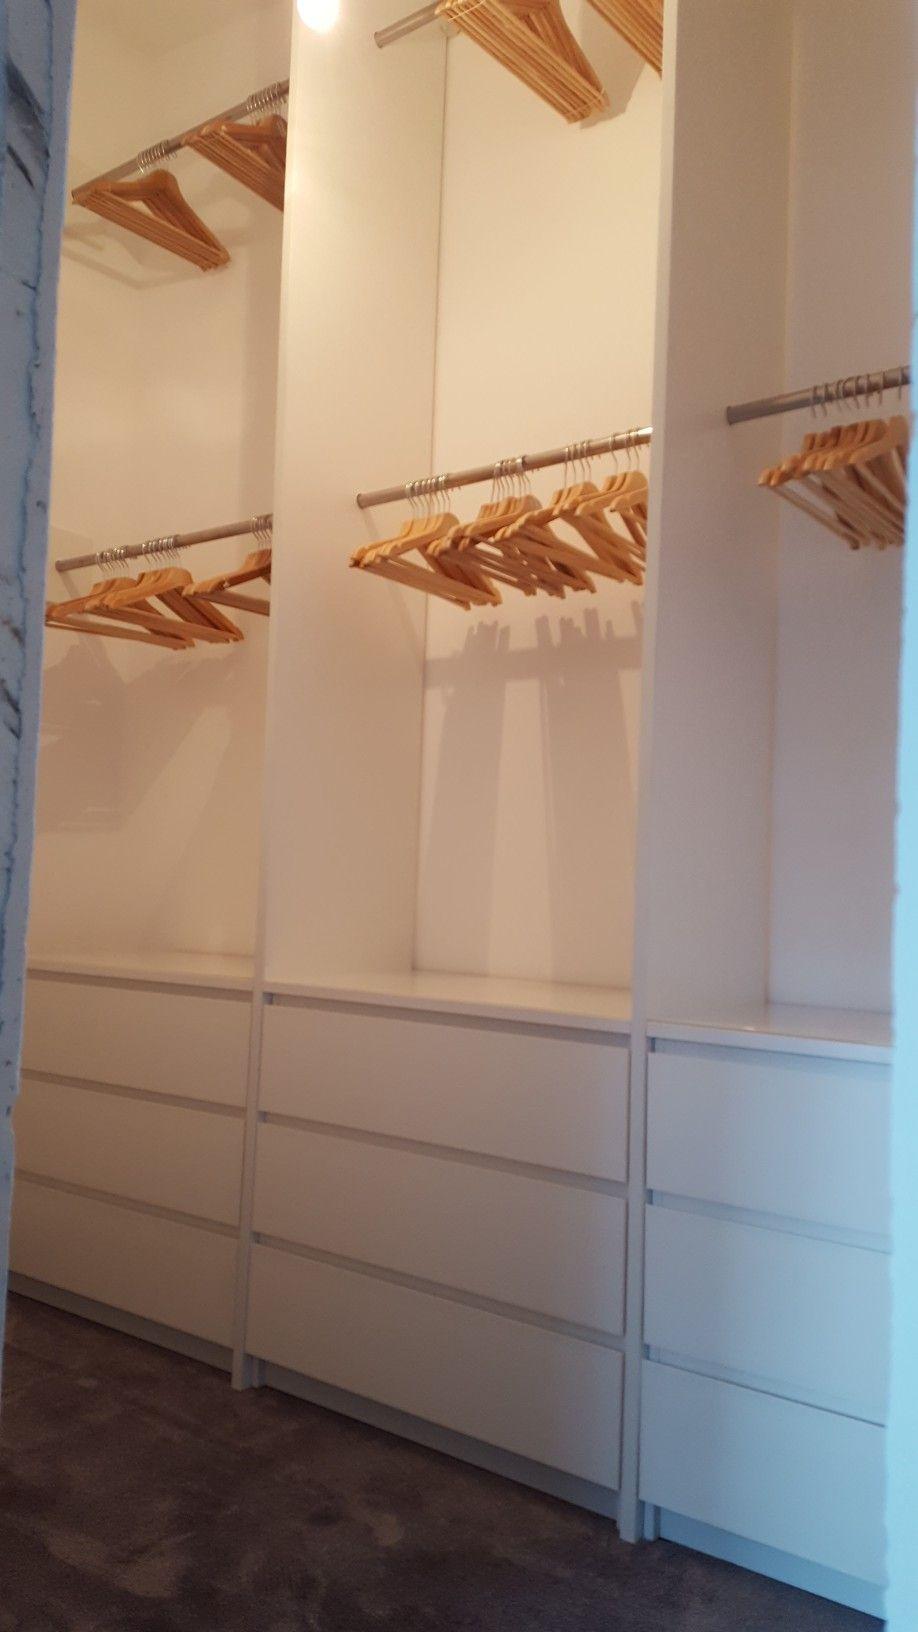 Ikea Hack Ankleidezimmer Selbst Gebaut 3 Malm Kommoden Mit Glasplatten Drauf Dazwischen Jeweils Lange Fu Ankleide Zimmer Ankleidezimmer Ankleidezimmer Ikea